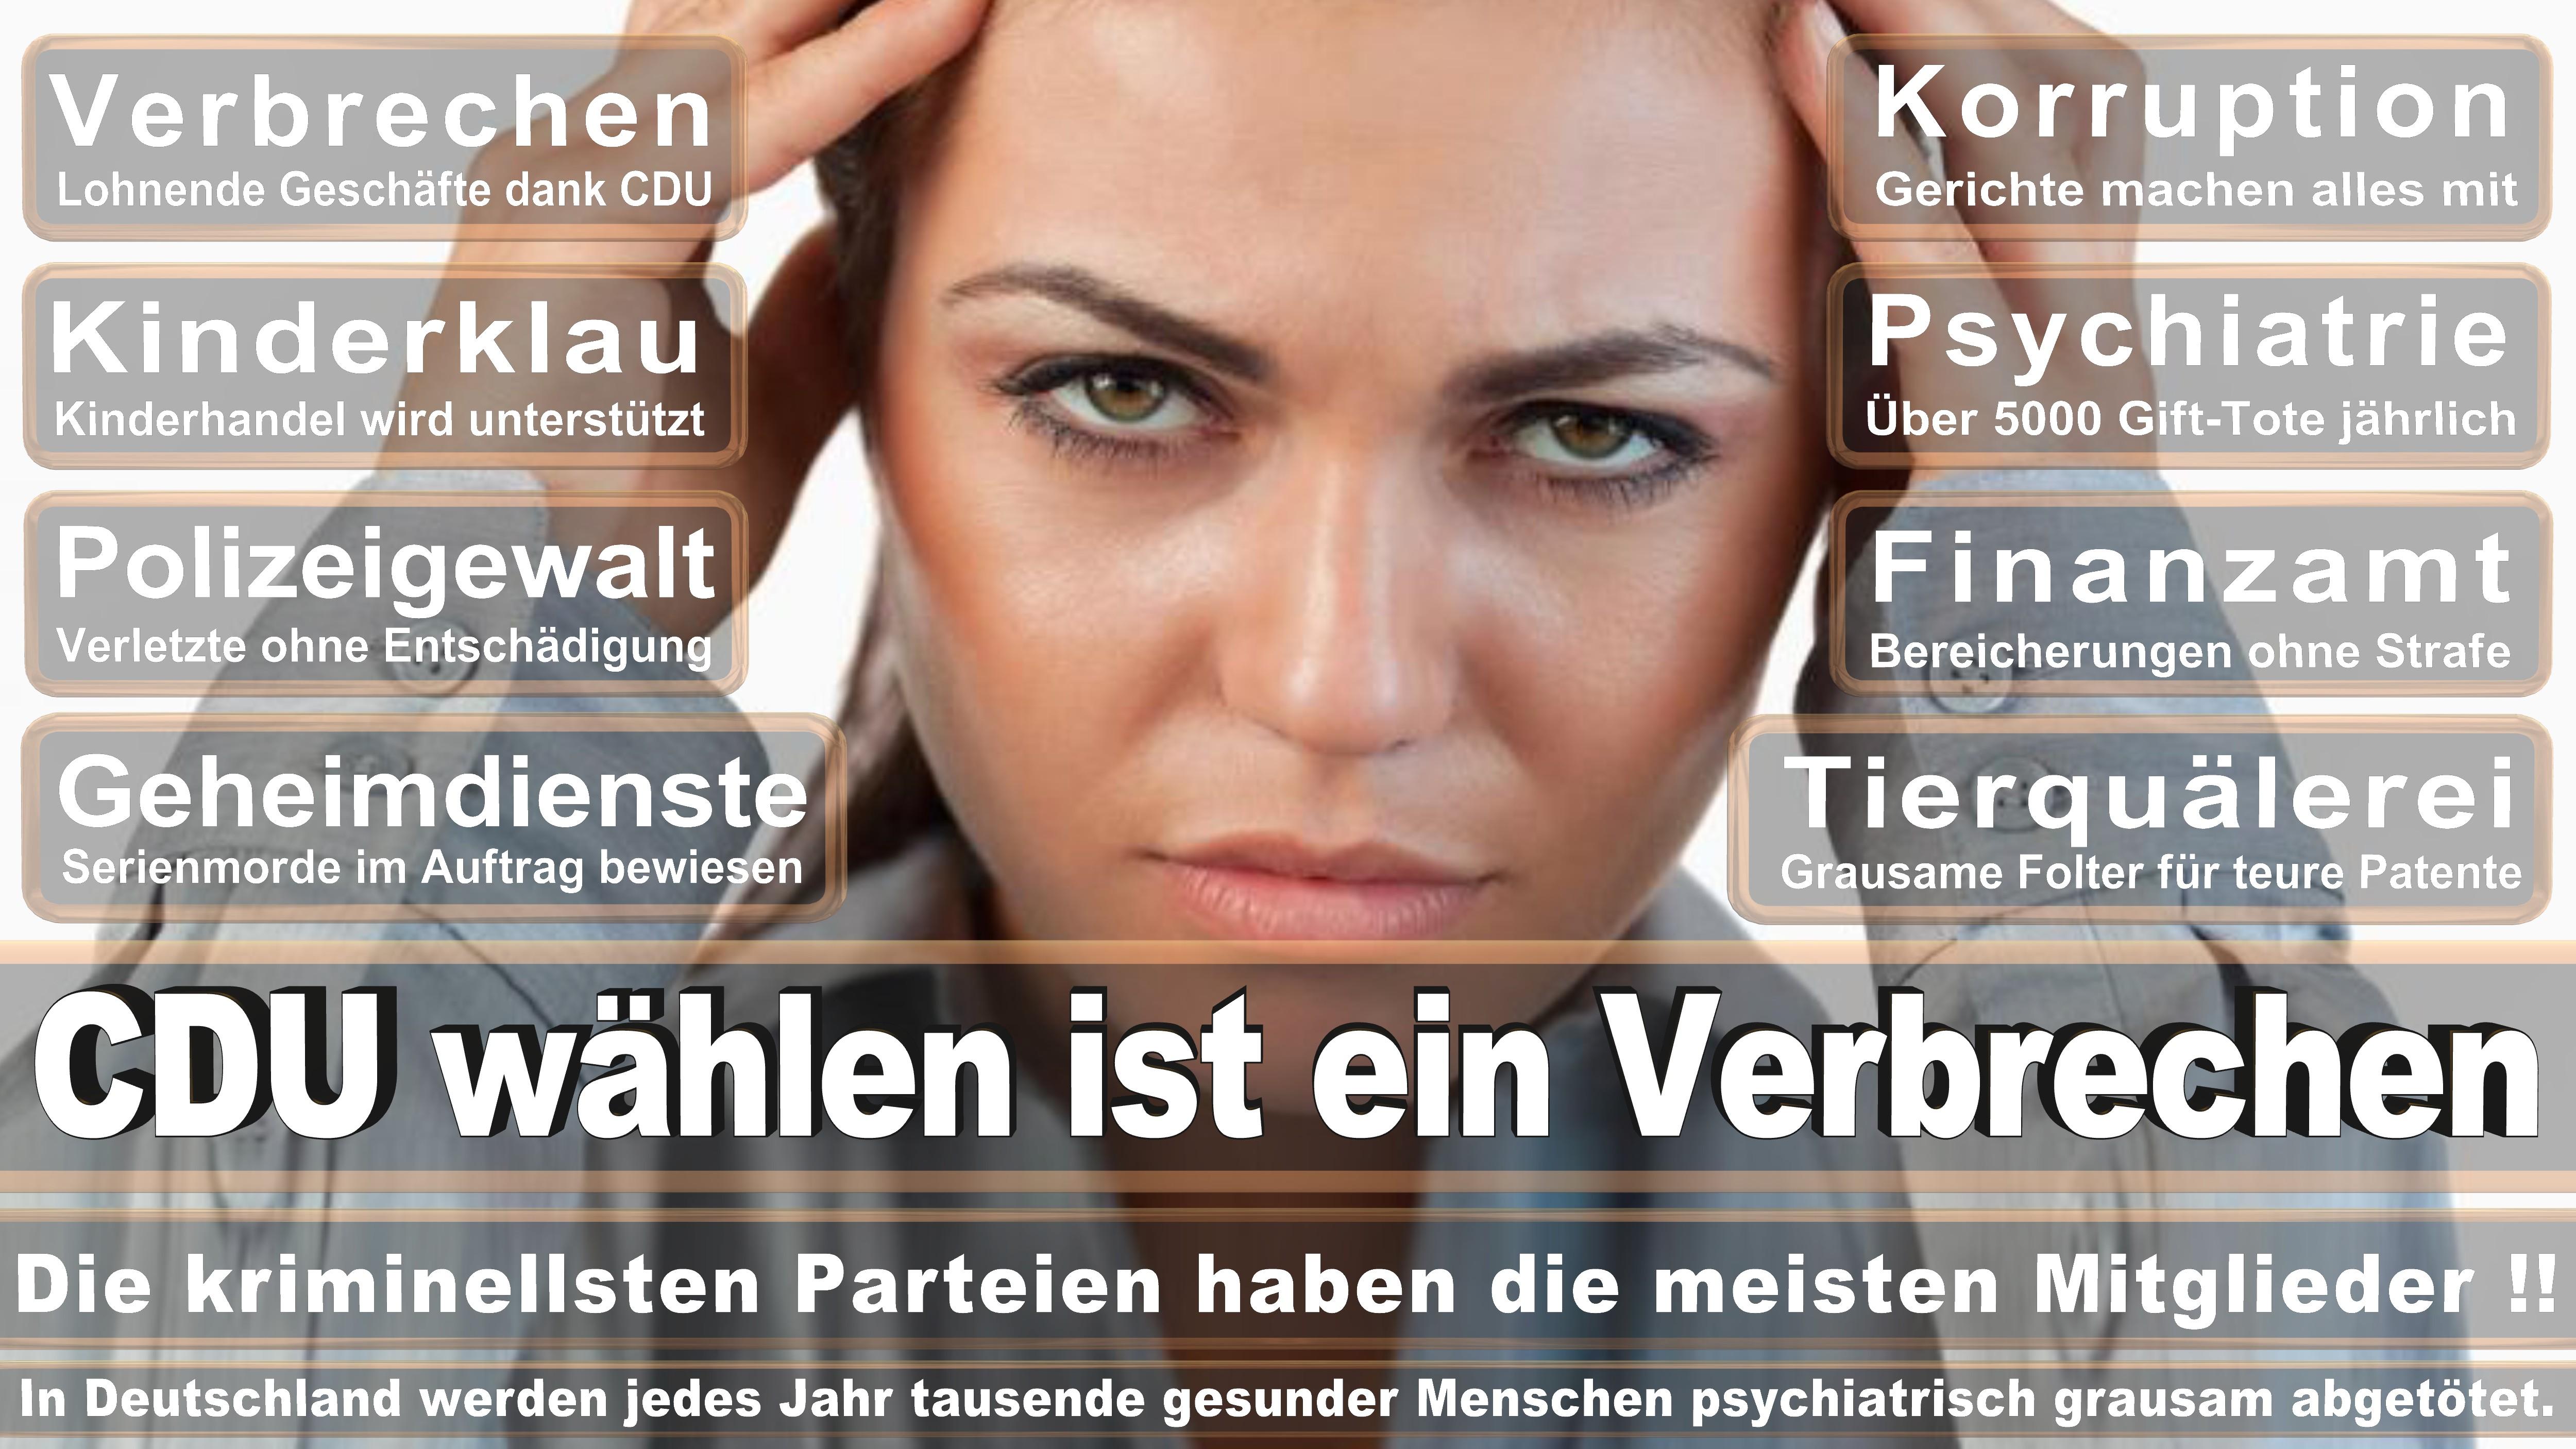 CDU, BIELEFELD, RATSMITGLIEDER, VORSTAND, ORTSVERBAND, MITGLIEDER (61)